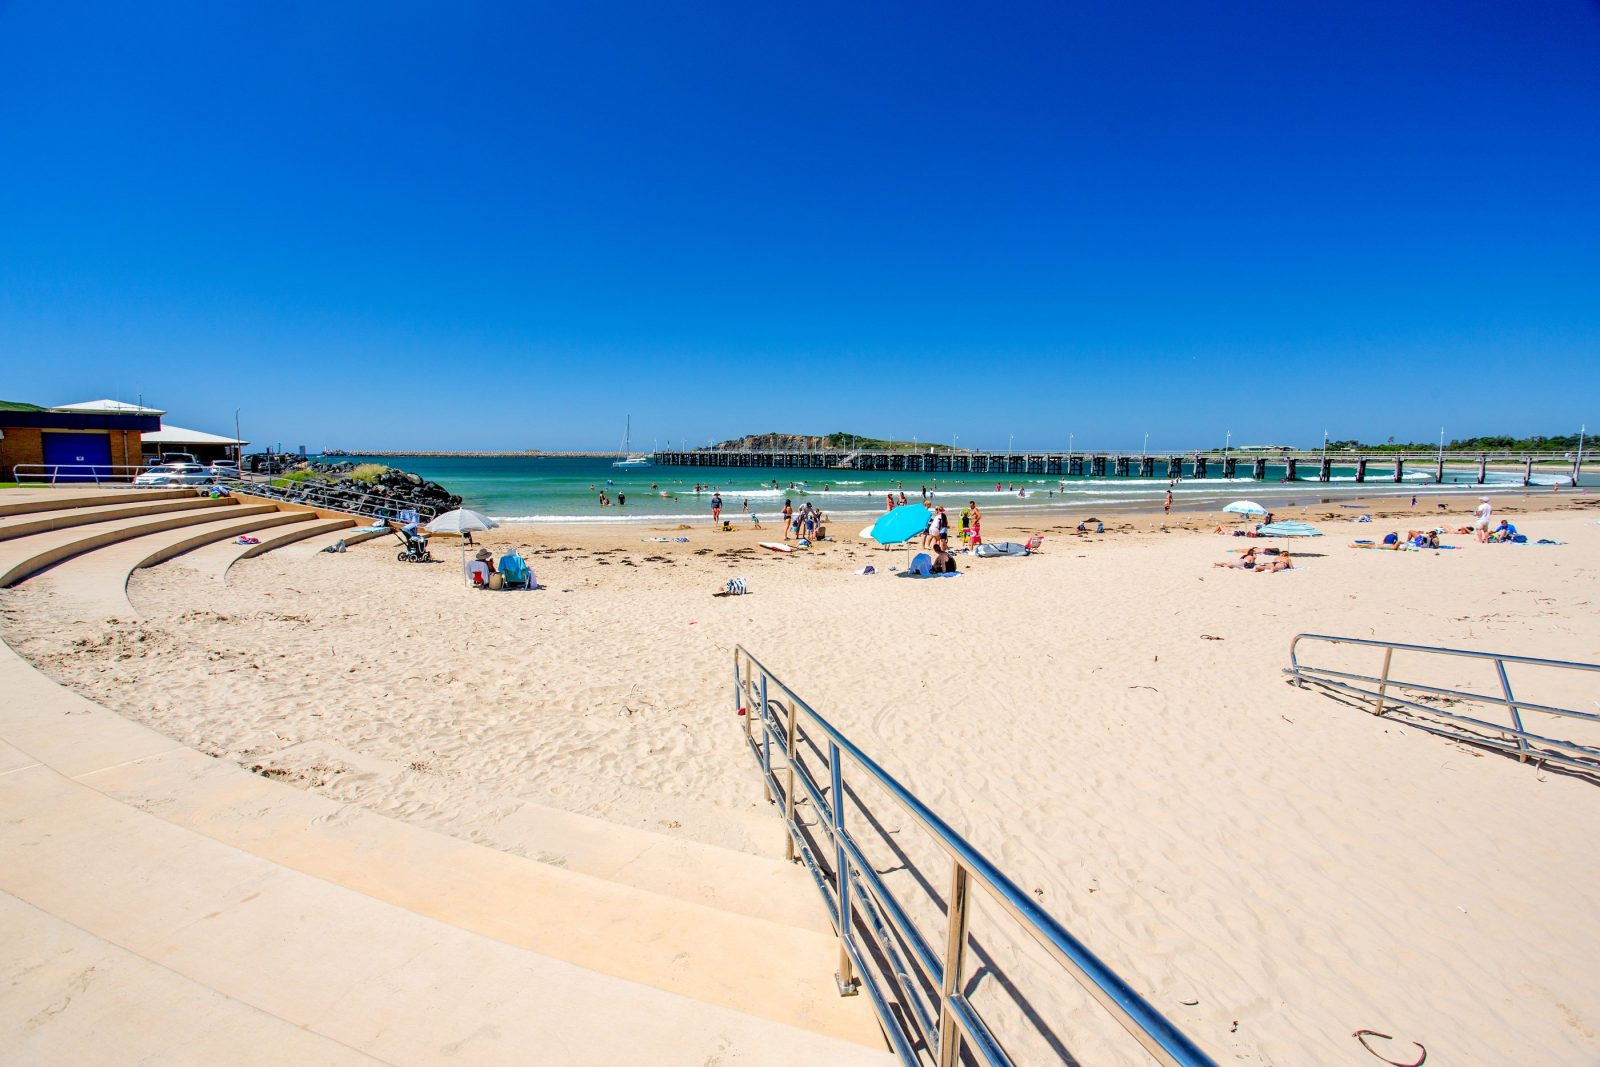 Jetty Beach